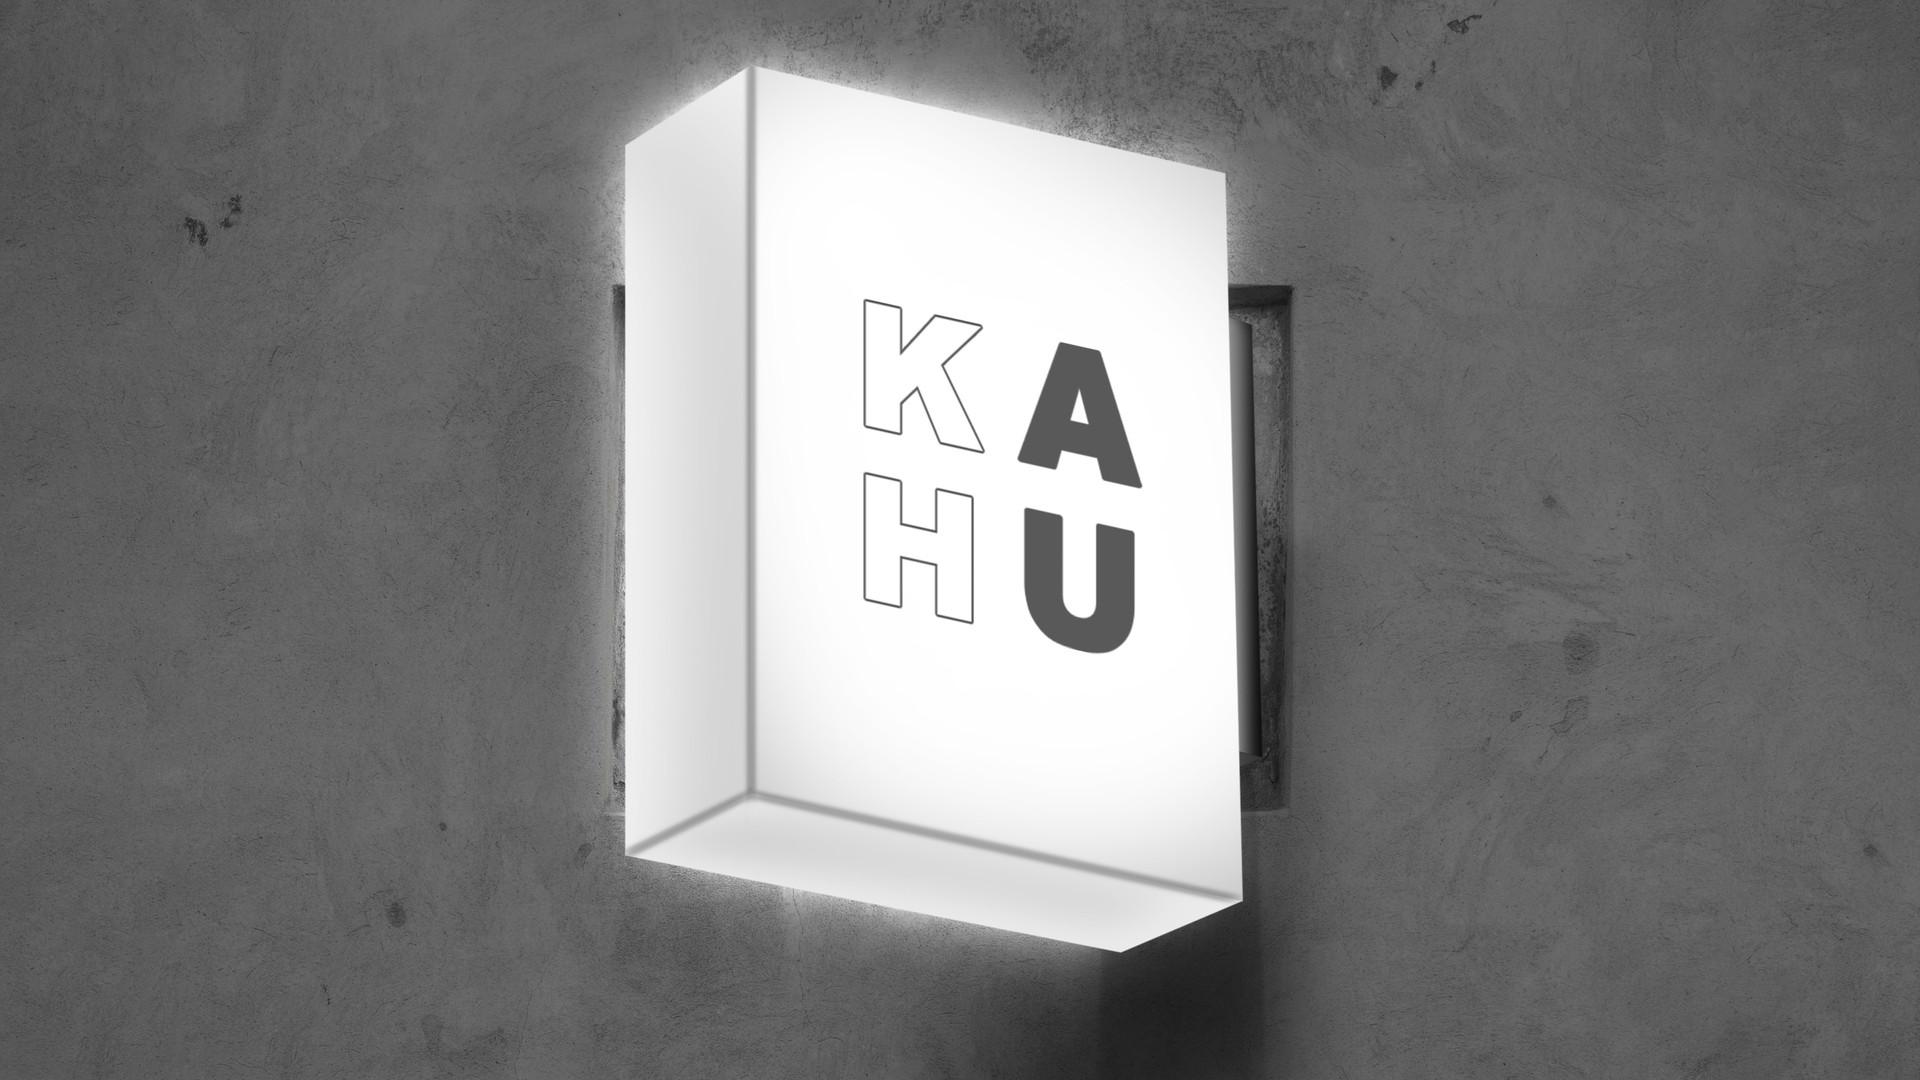 Kahu_edited.jpg